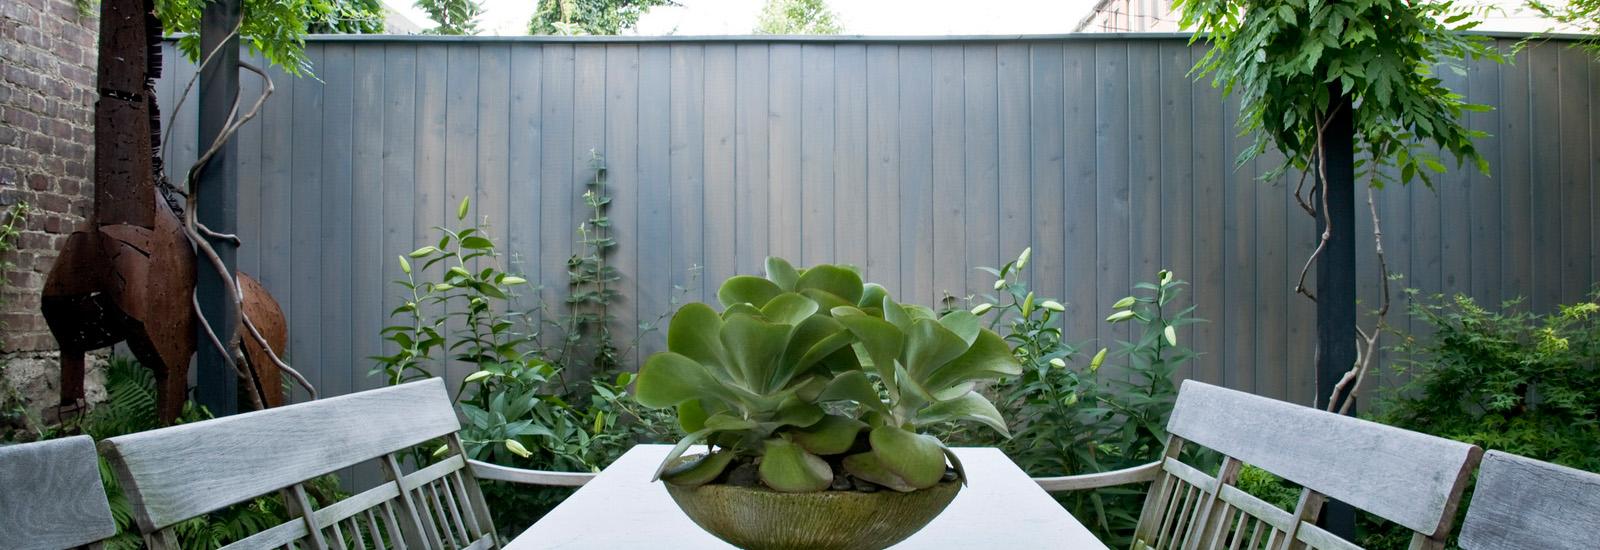 Our Garden-03